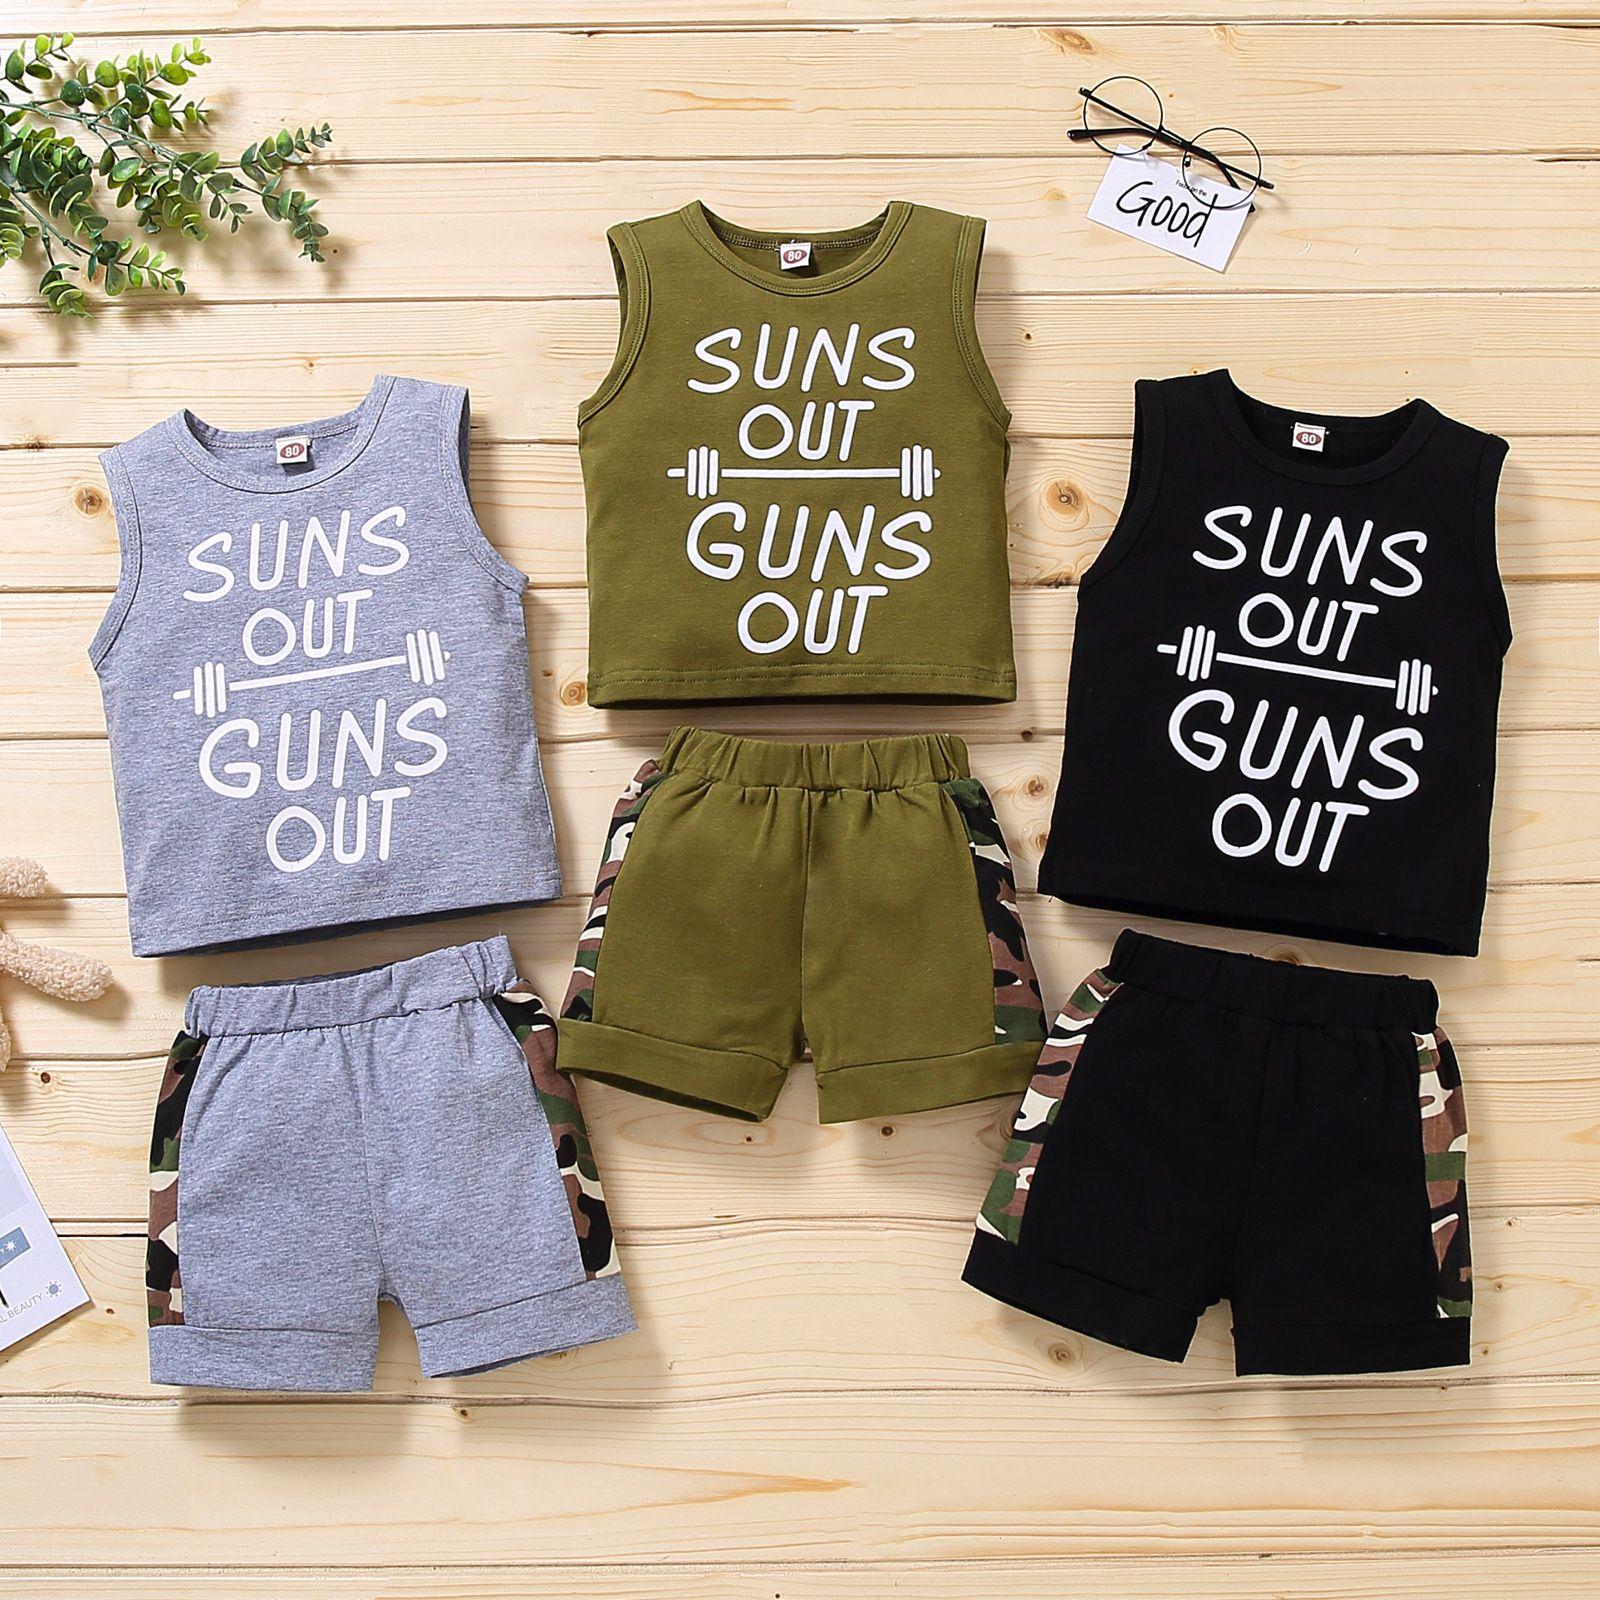 2021 Yeni Yaz Bebek Erkek Giysileri Set Üst Yelek Harfler Güneş Silahları Out Camo Pamuk Şort Elastik Bel Yürüyor Çocuk Yaz Kıyafet Seti